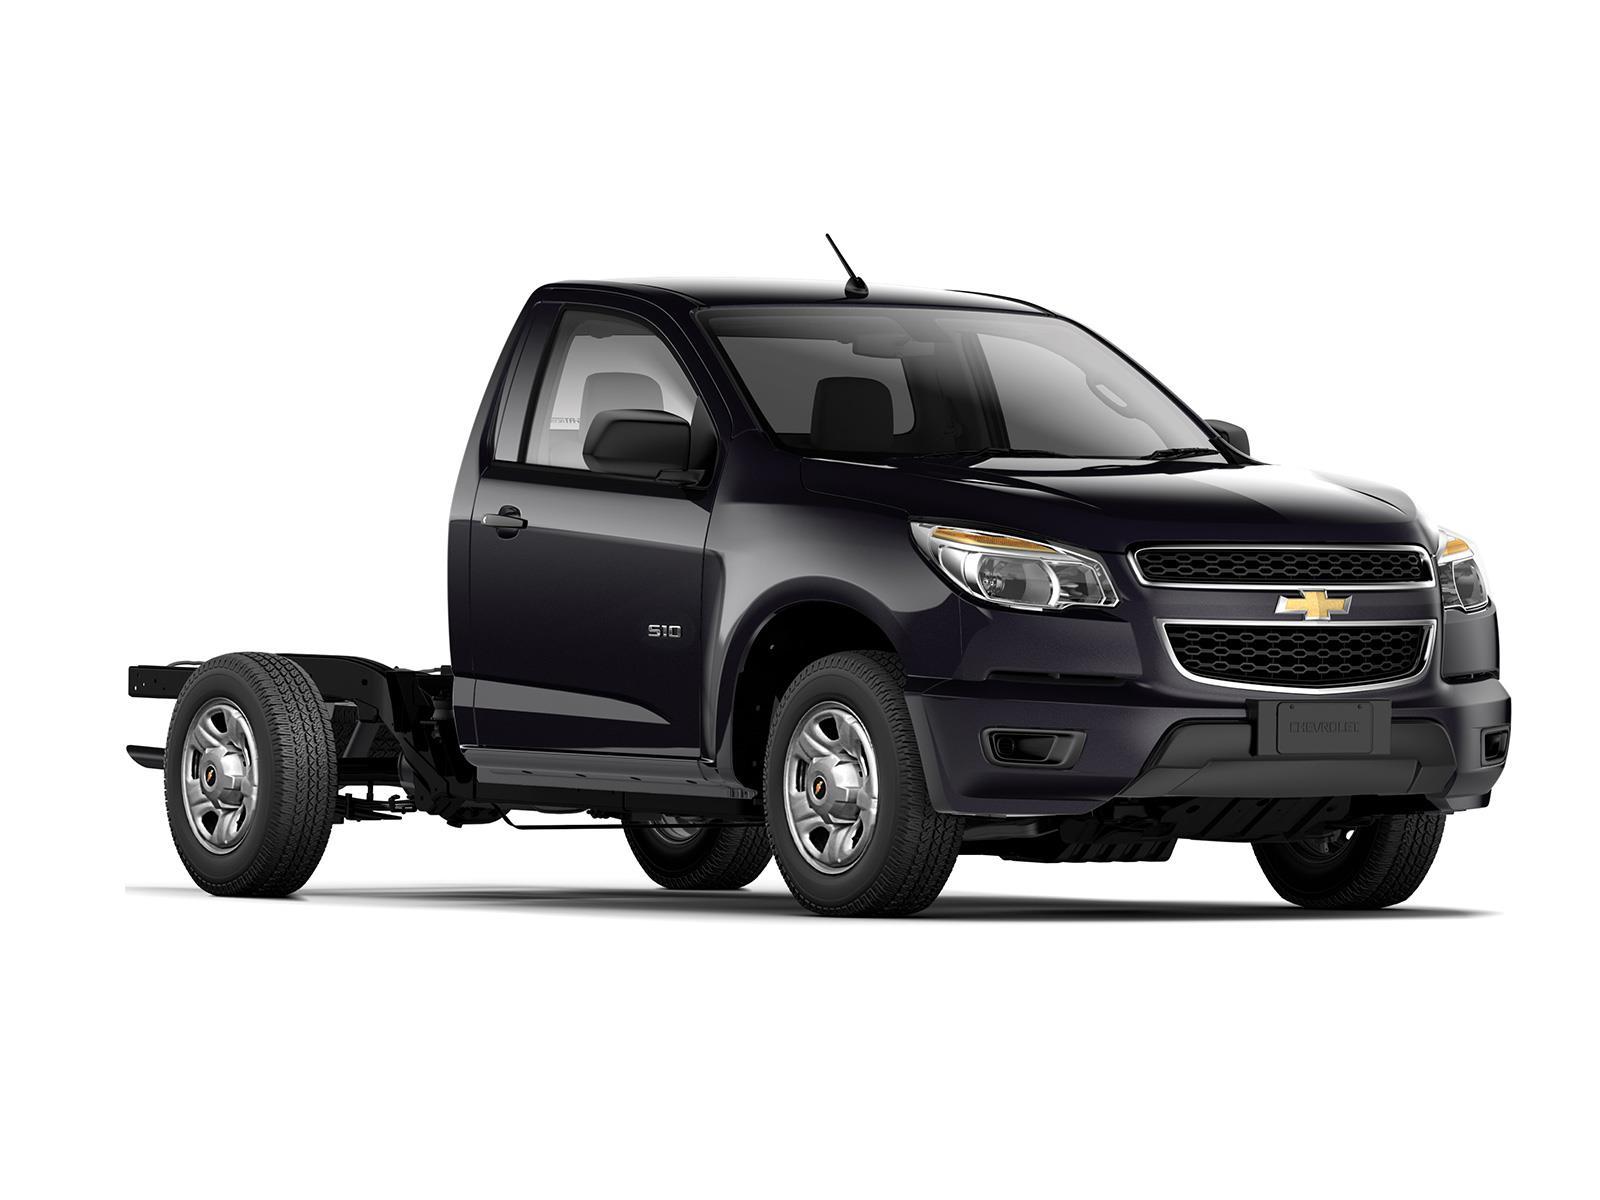 Chevrolet s10 2017 llega a m xico desde 254 400 pesos for Noleggio cabina invernale colorado